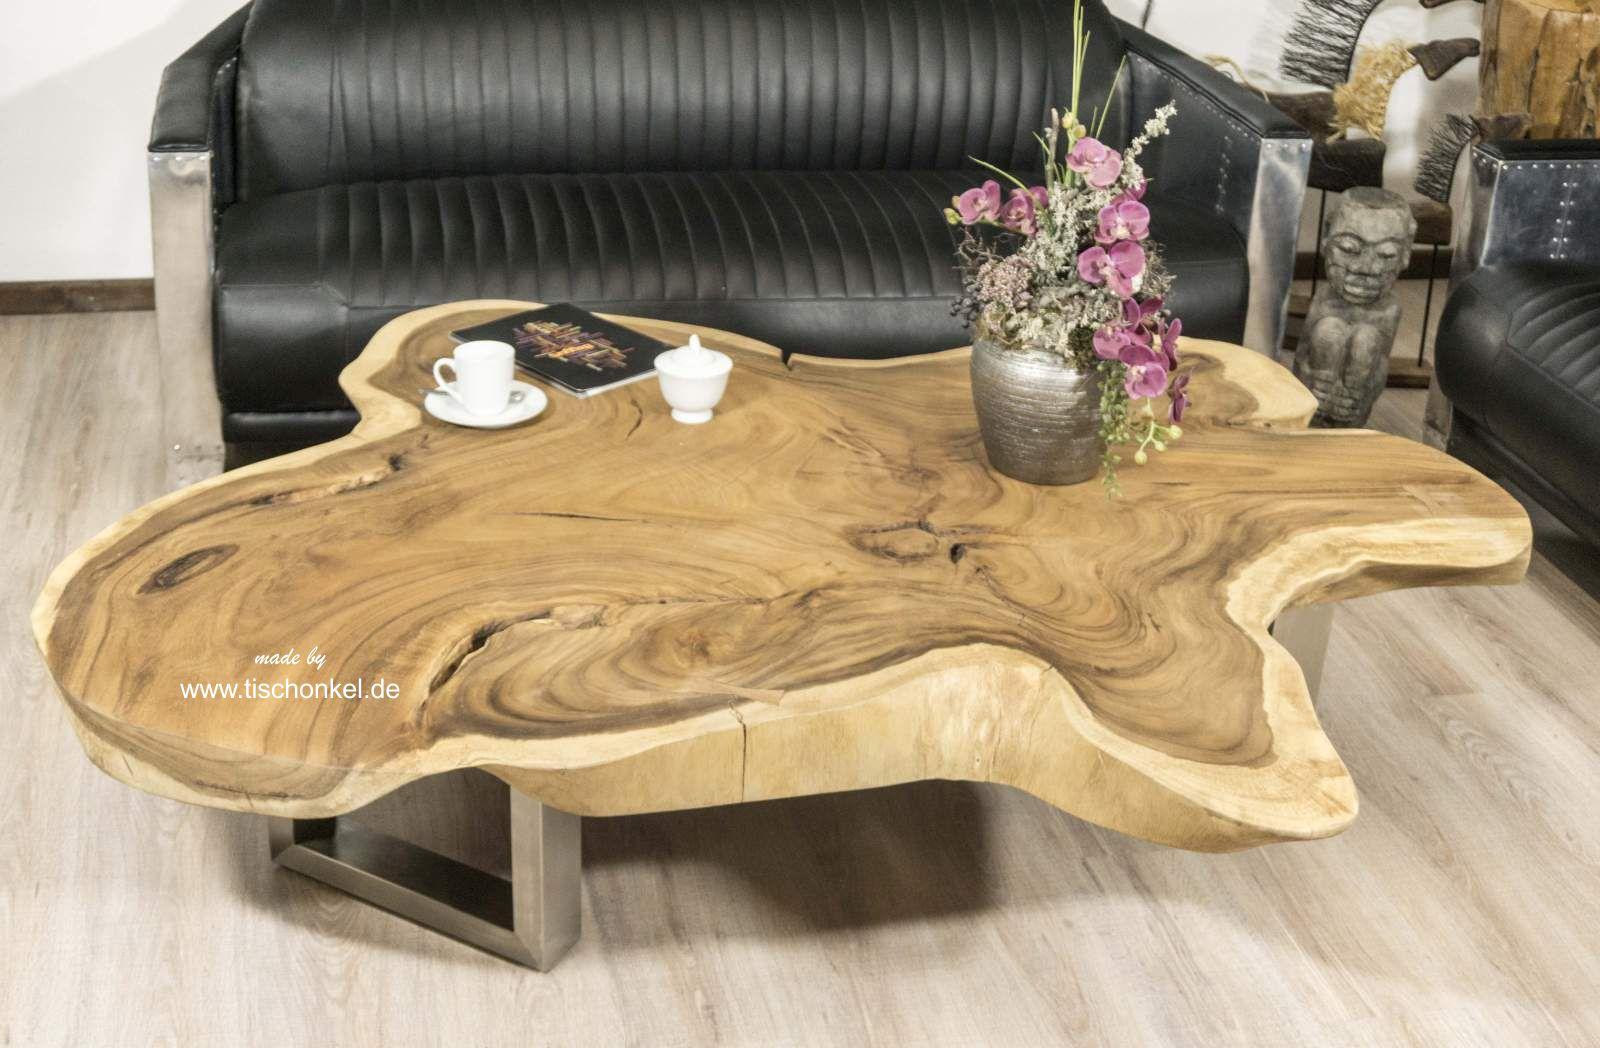 baumstamm couchtisch aus einer baumscheibe der tischonkel. Black Bedroom Furniture Sets. Home Design Ideas